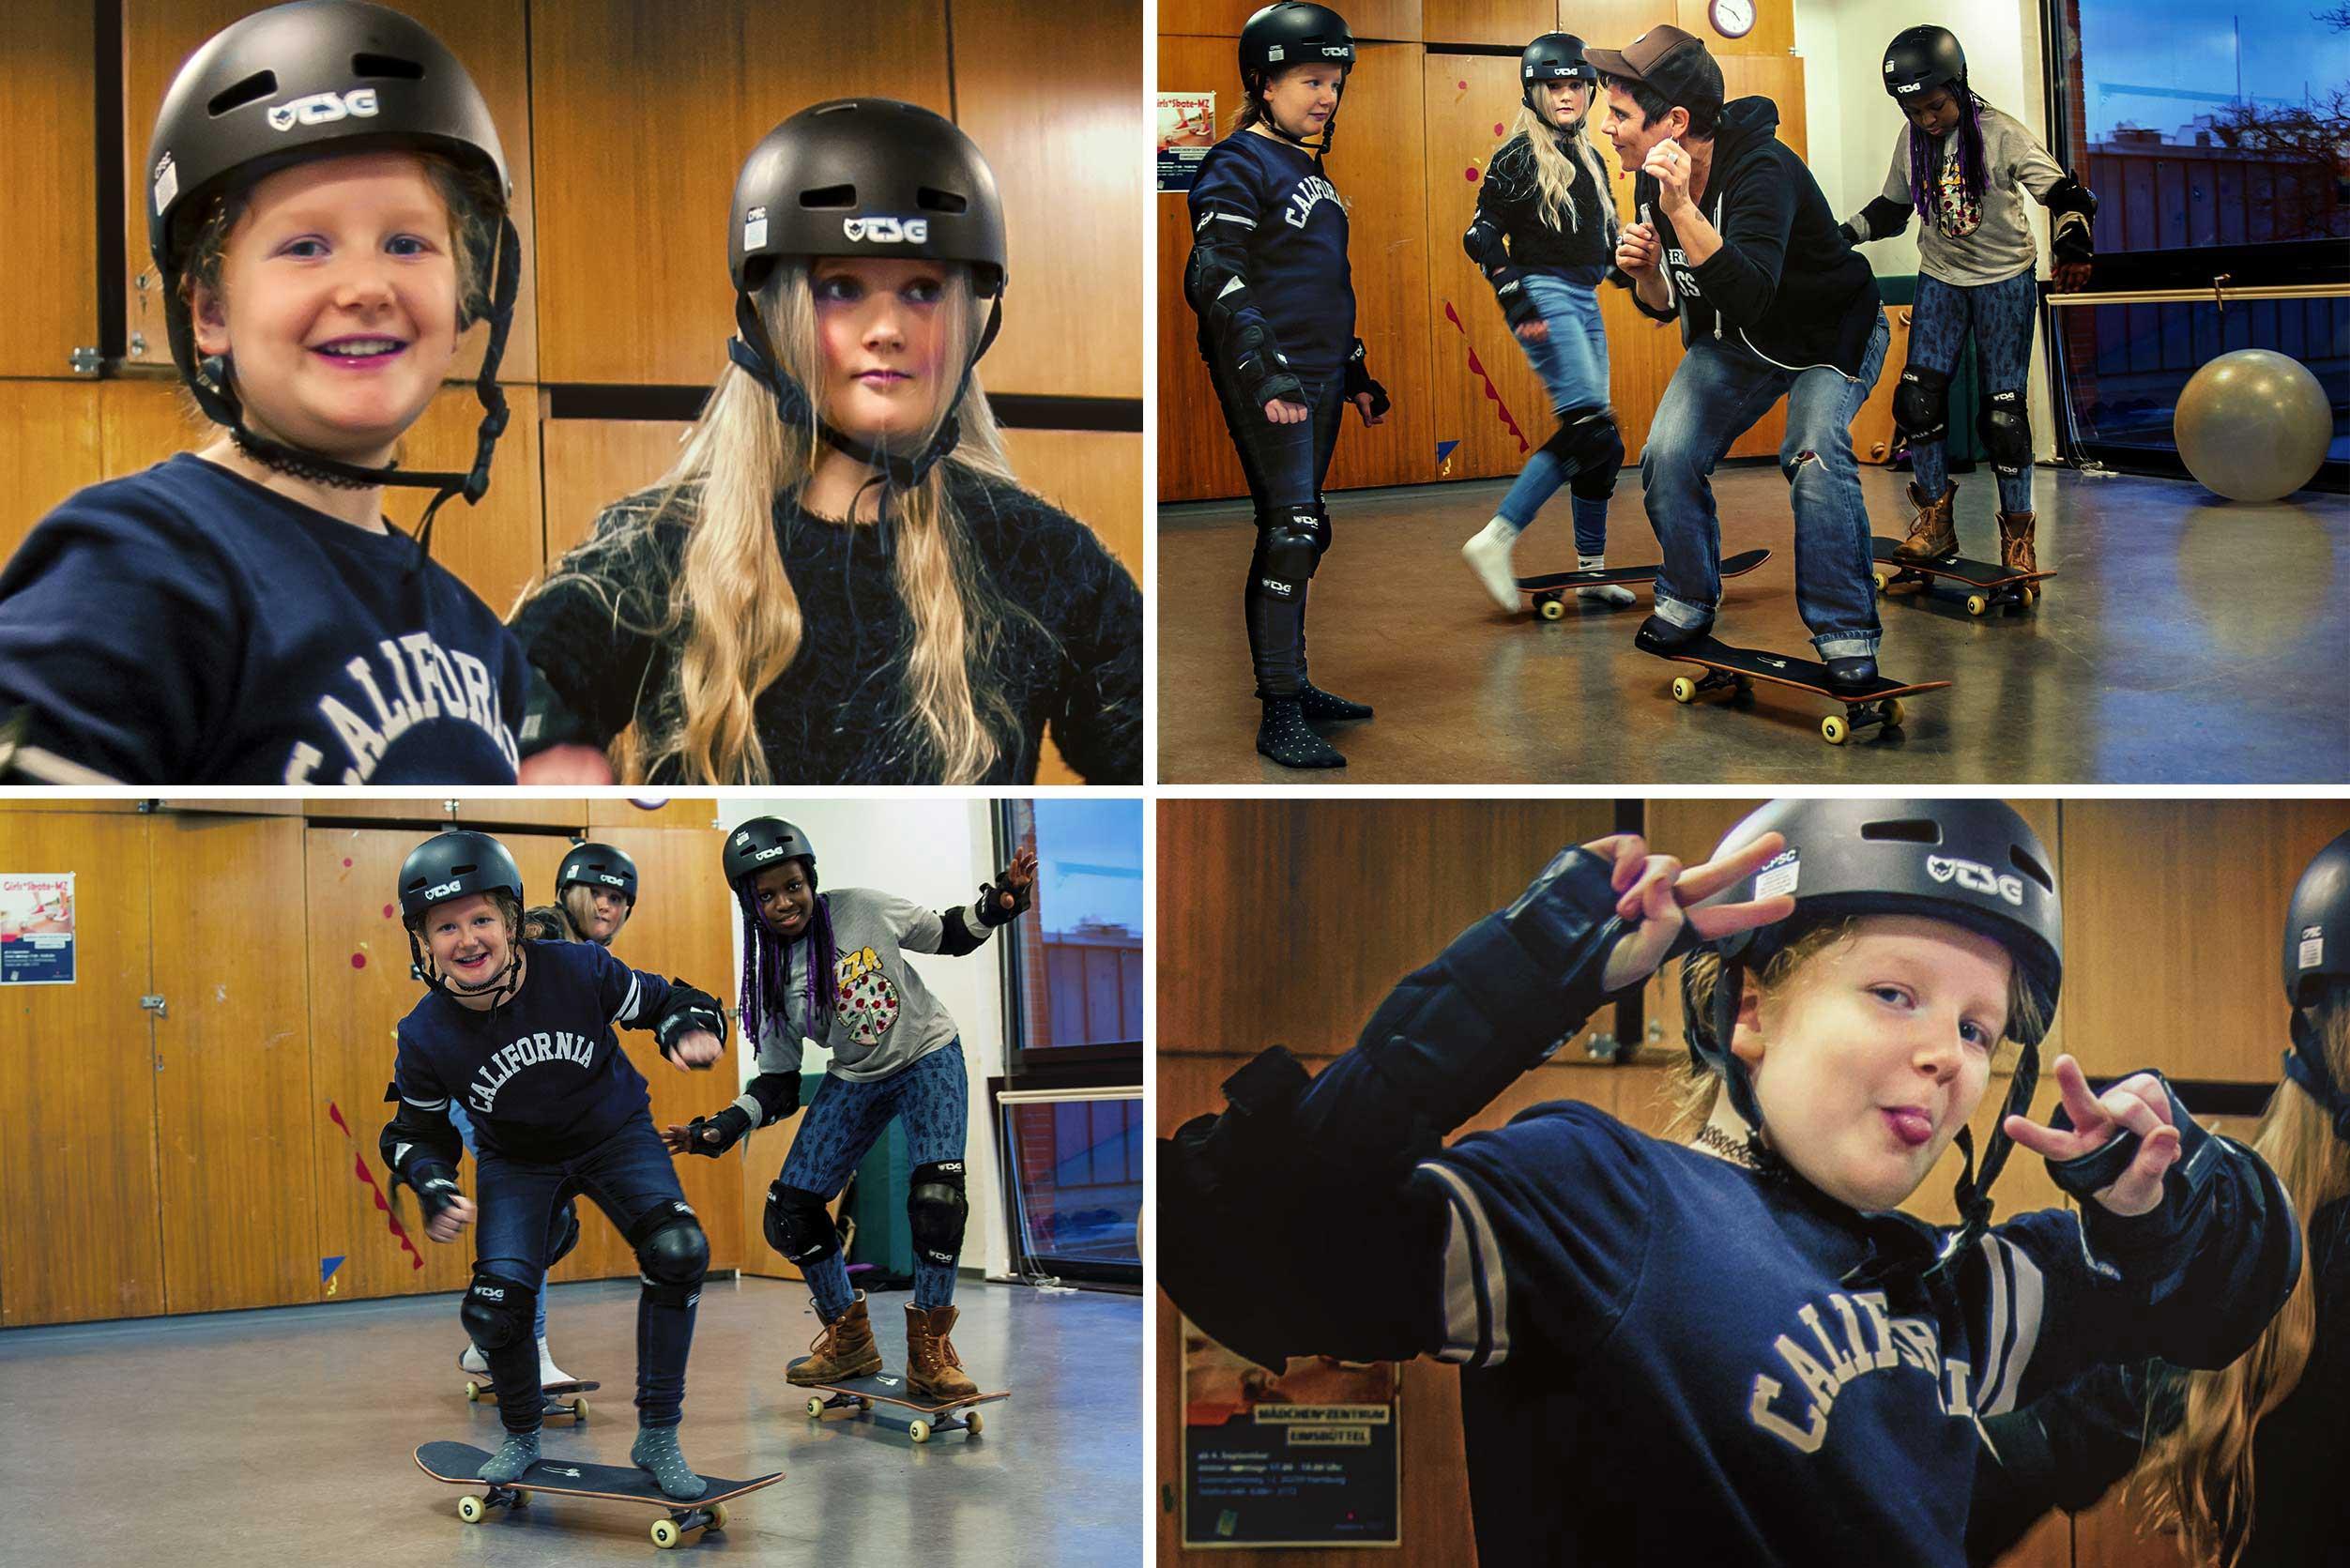 Girls*-Skate im M*Z. Foto von L.Vandrei